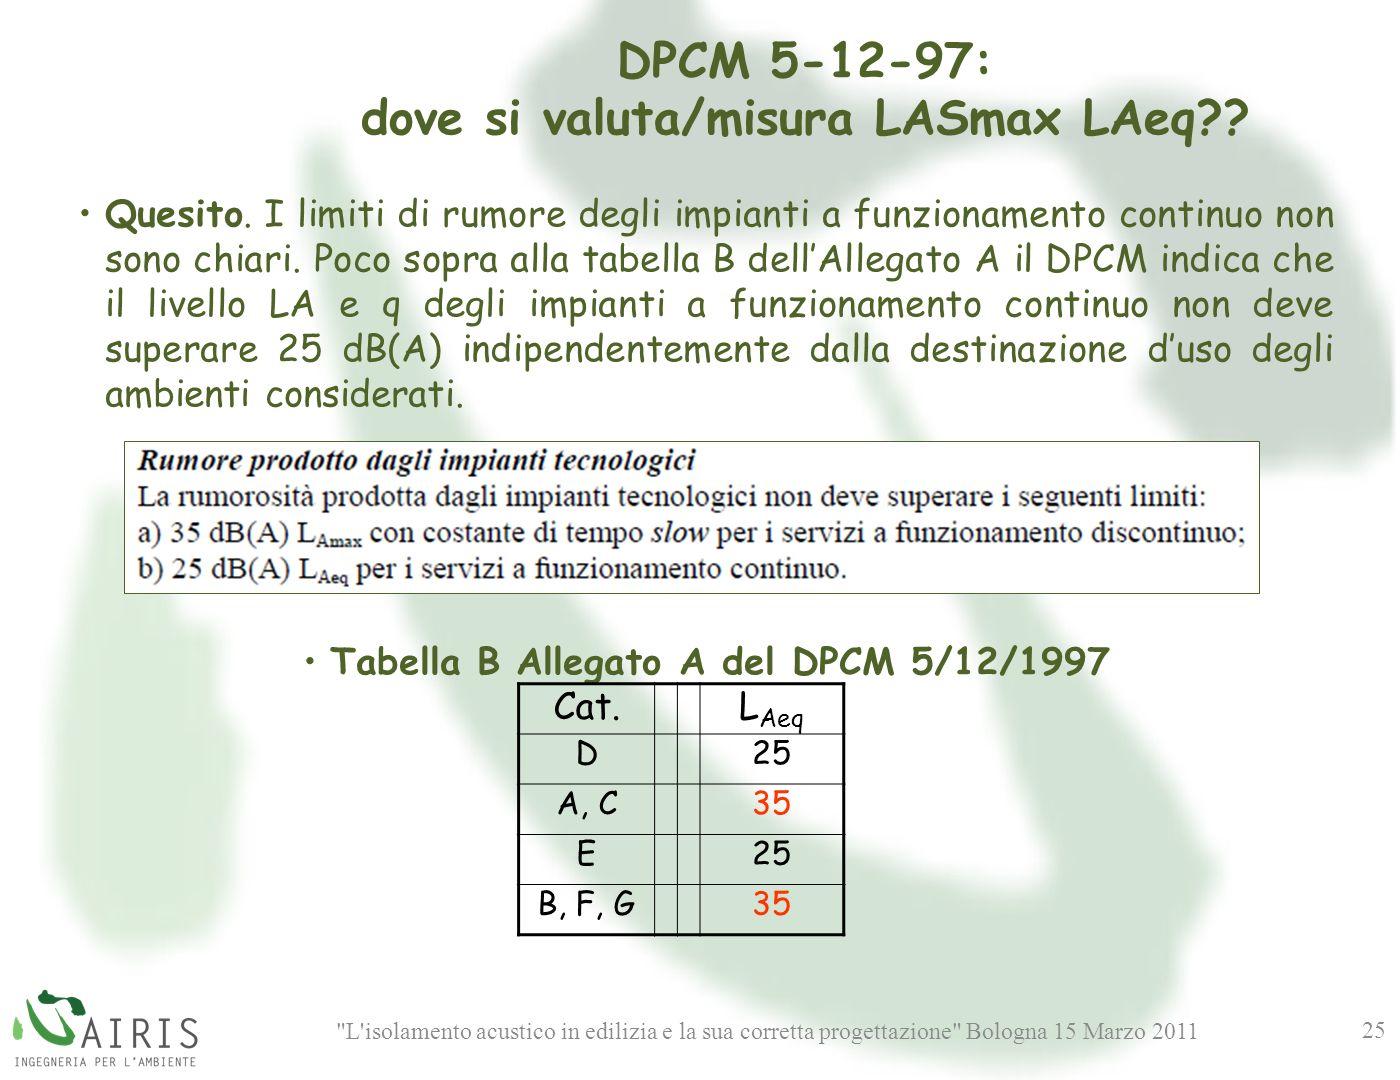 DPCM 5-12-97: dove si valuta/misura LASmax LAeq